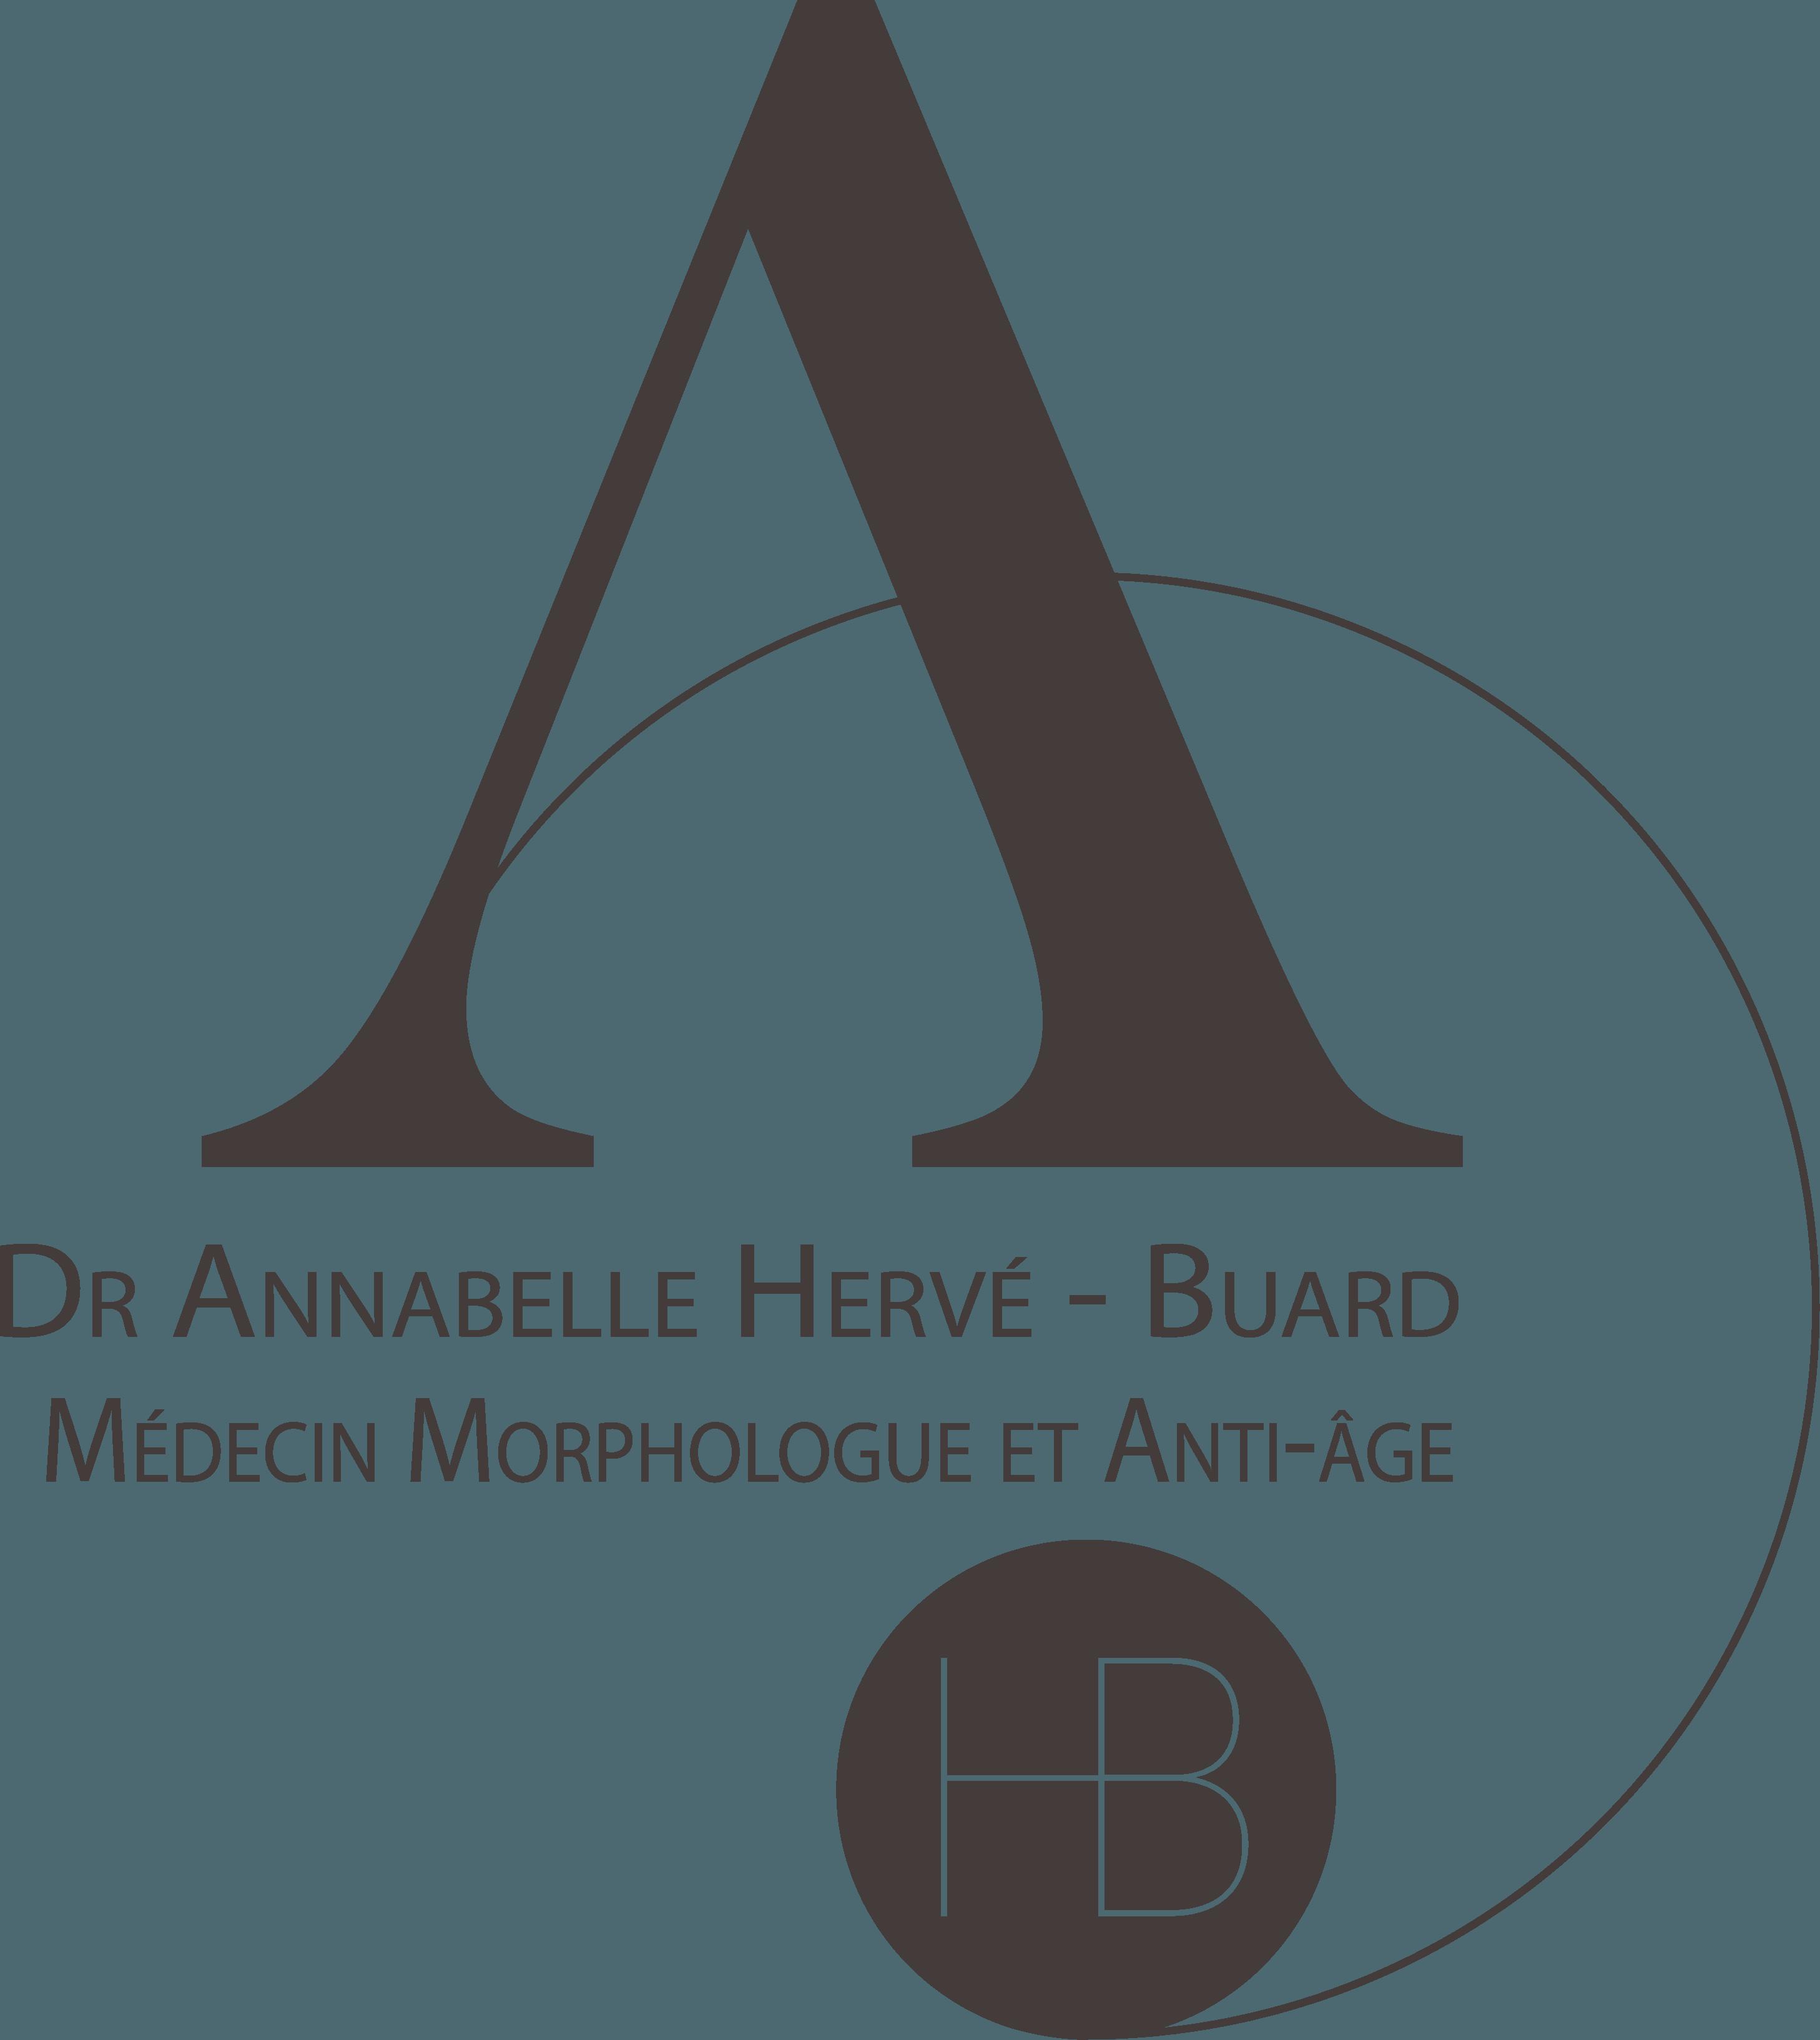 Dr Annabelle Hervé-Buard